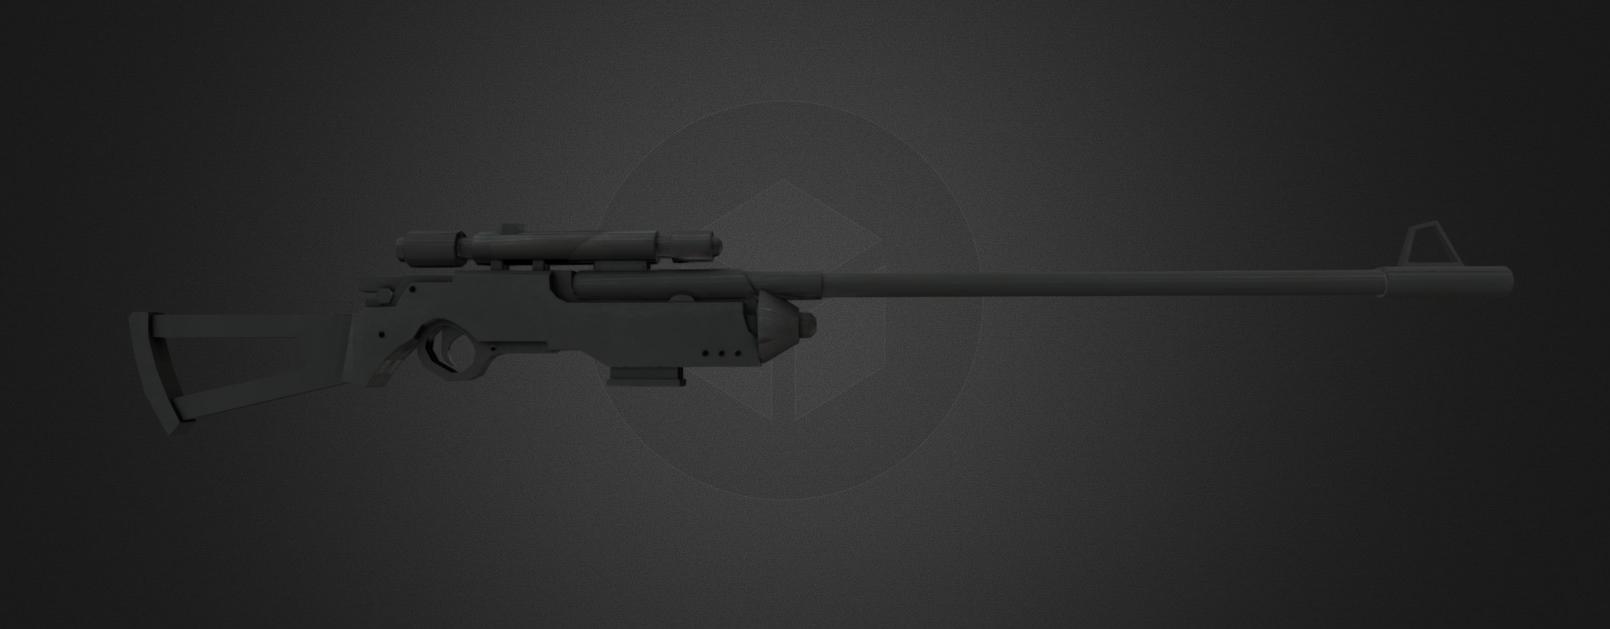 LD-1 Sniper